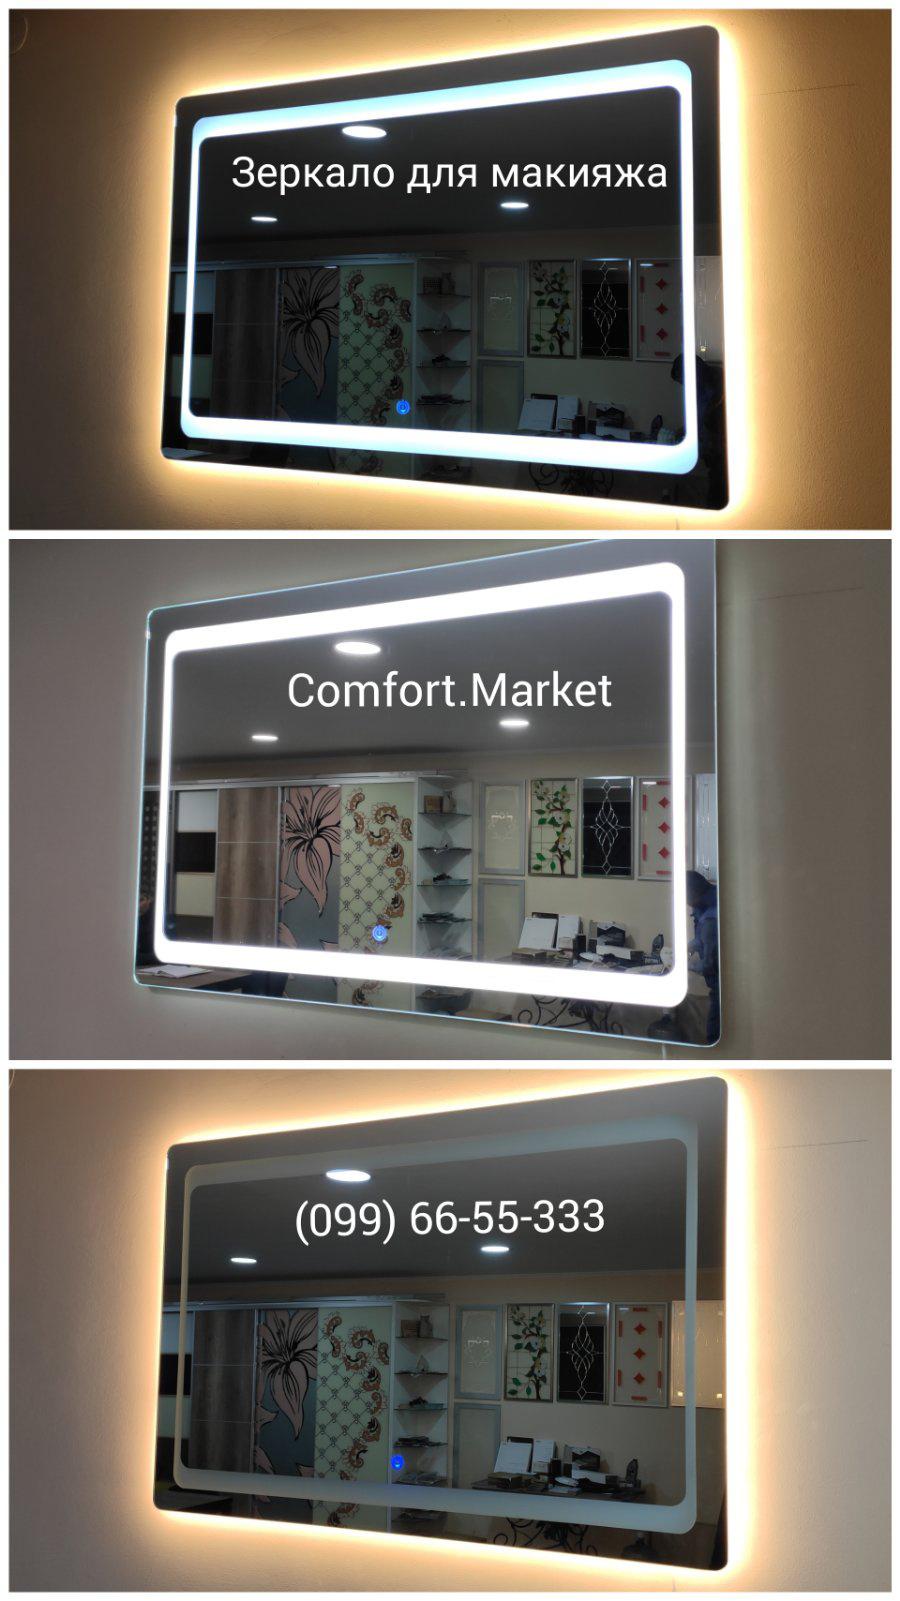 Зеркала с LED подсветкой для макияжа, причёсок - заказать Киев, Украина.